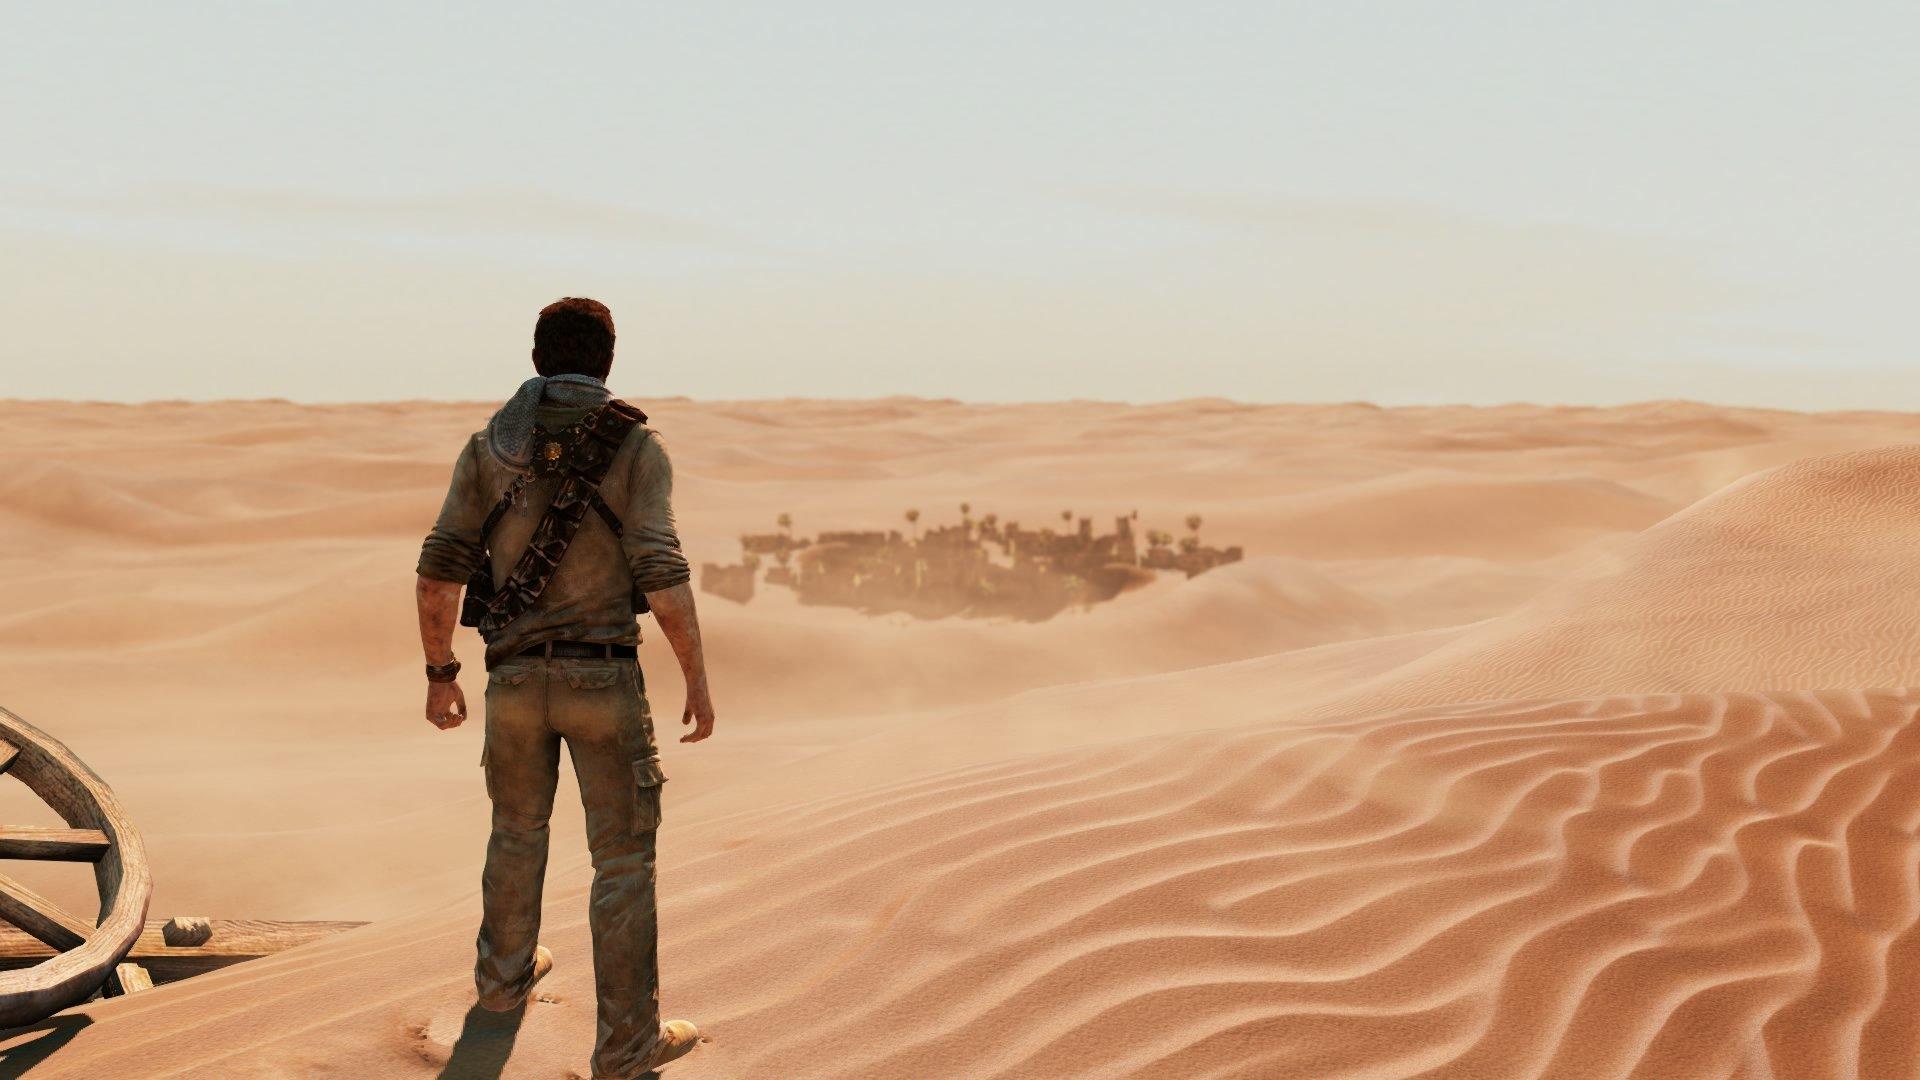 Da hat man Drake doch glatt in die Wüste geschickt.